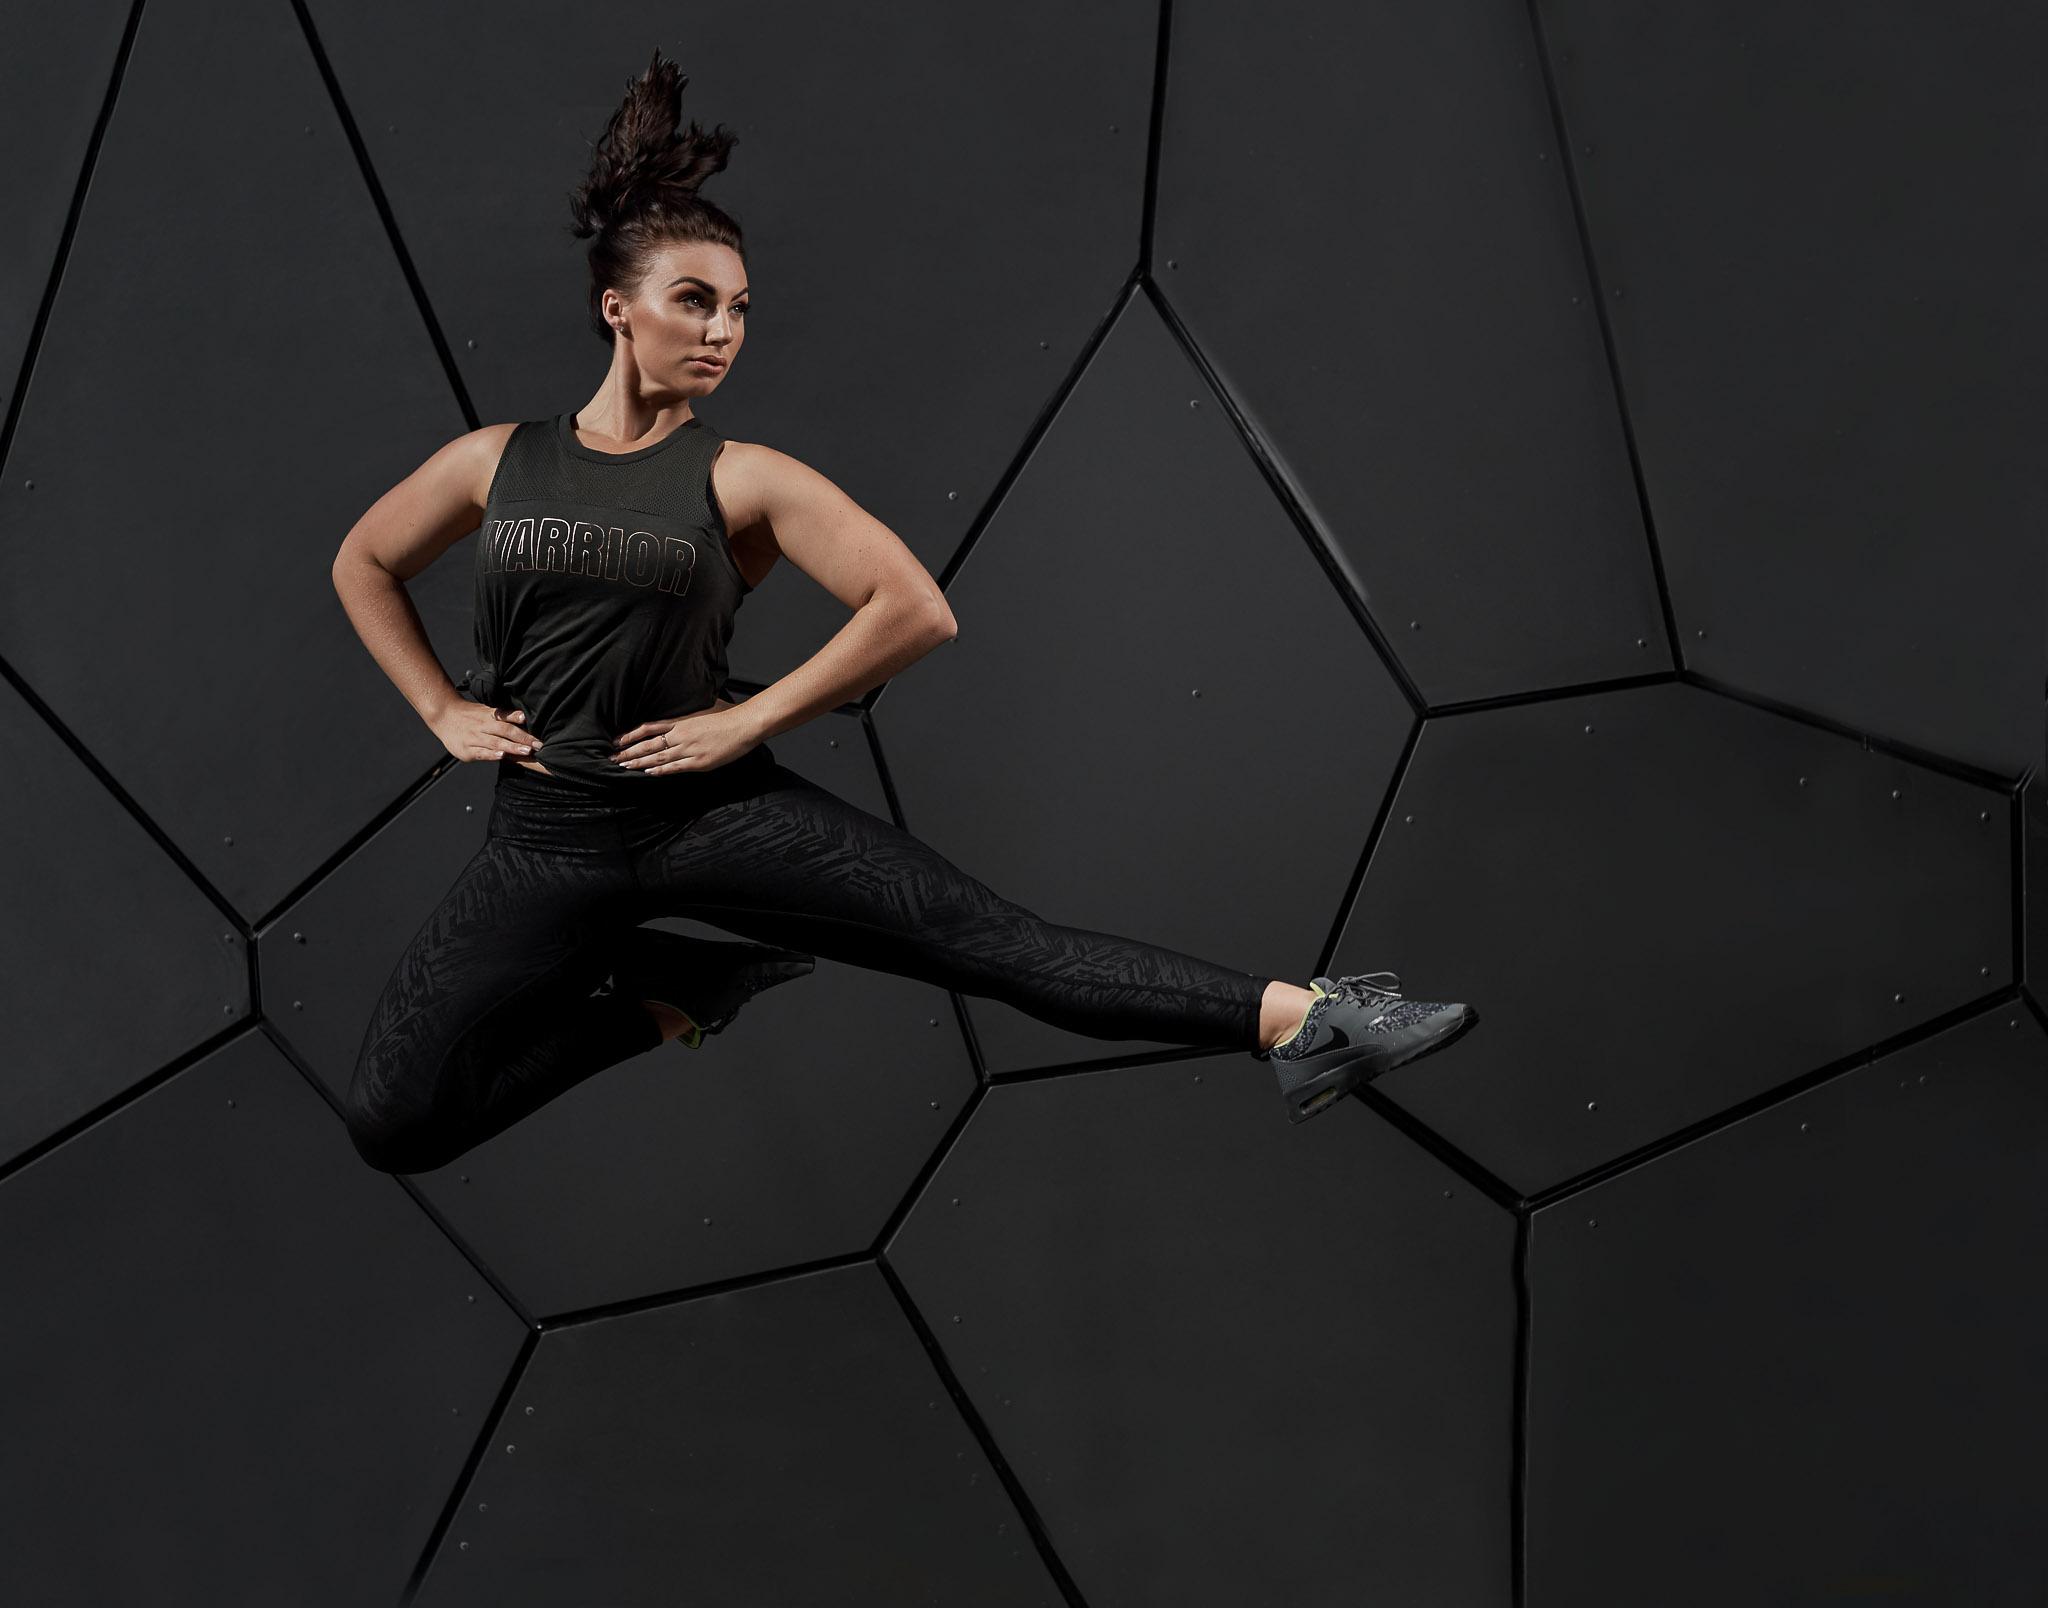 Brihannan jumping in black training gear